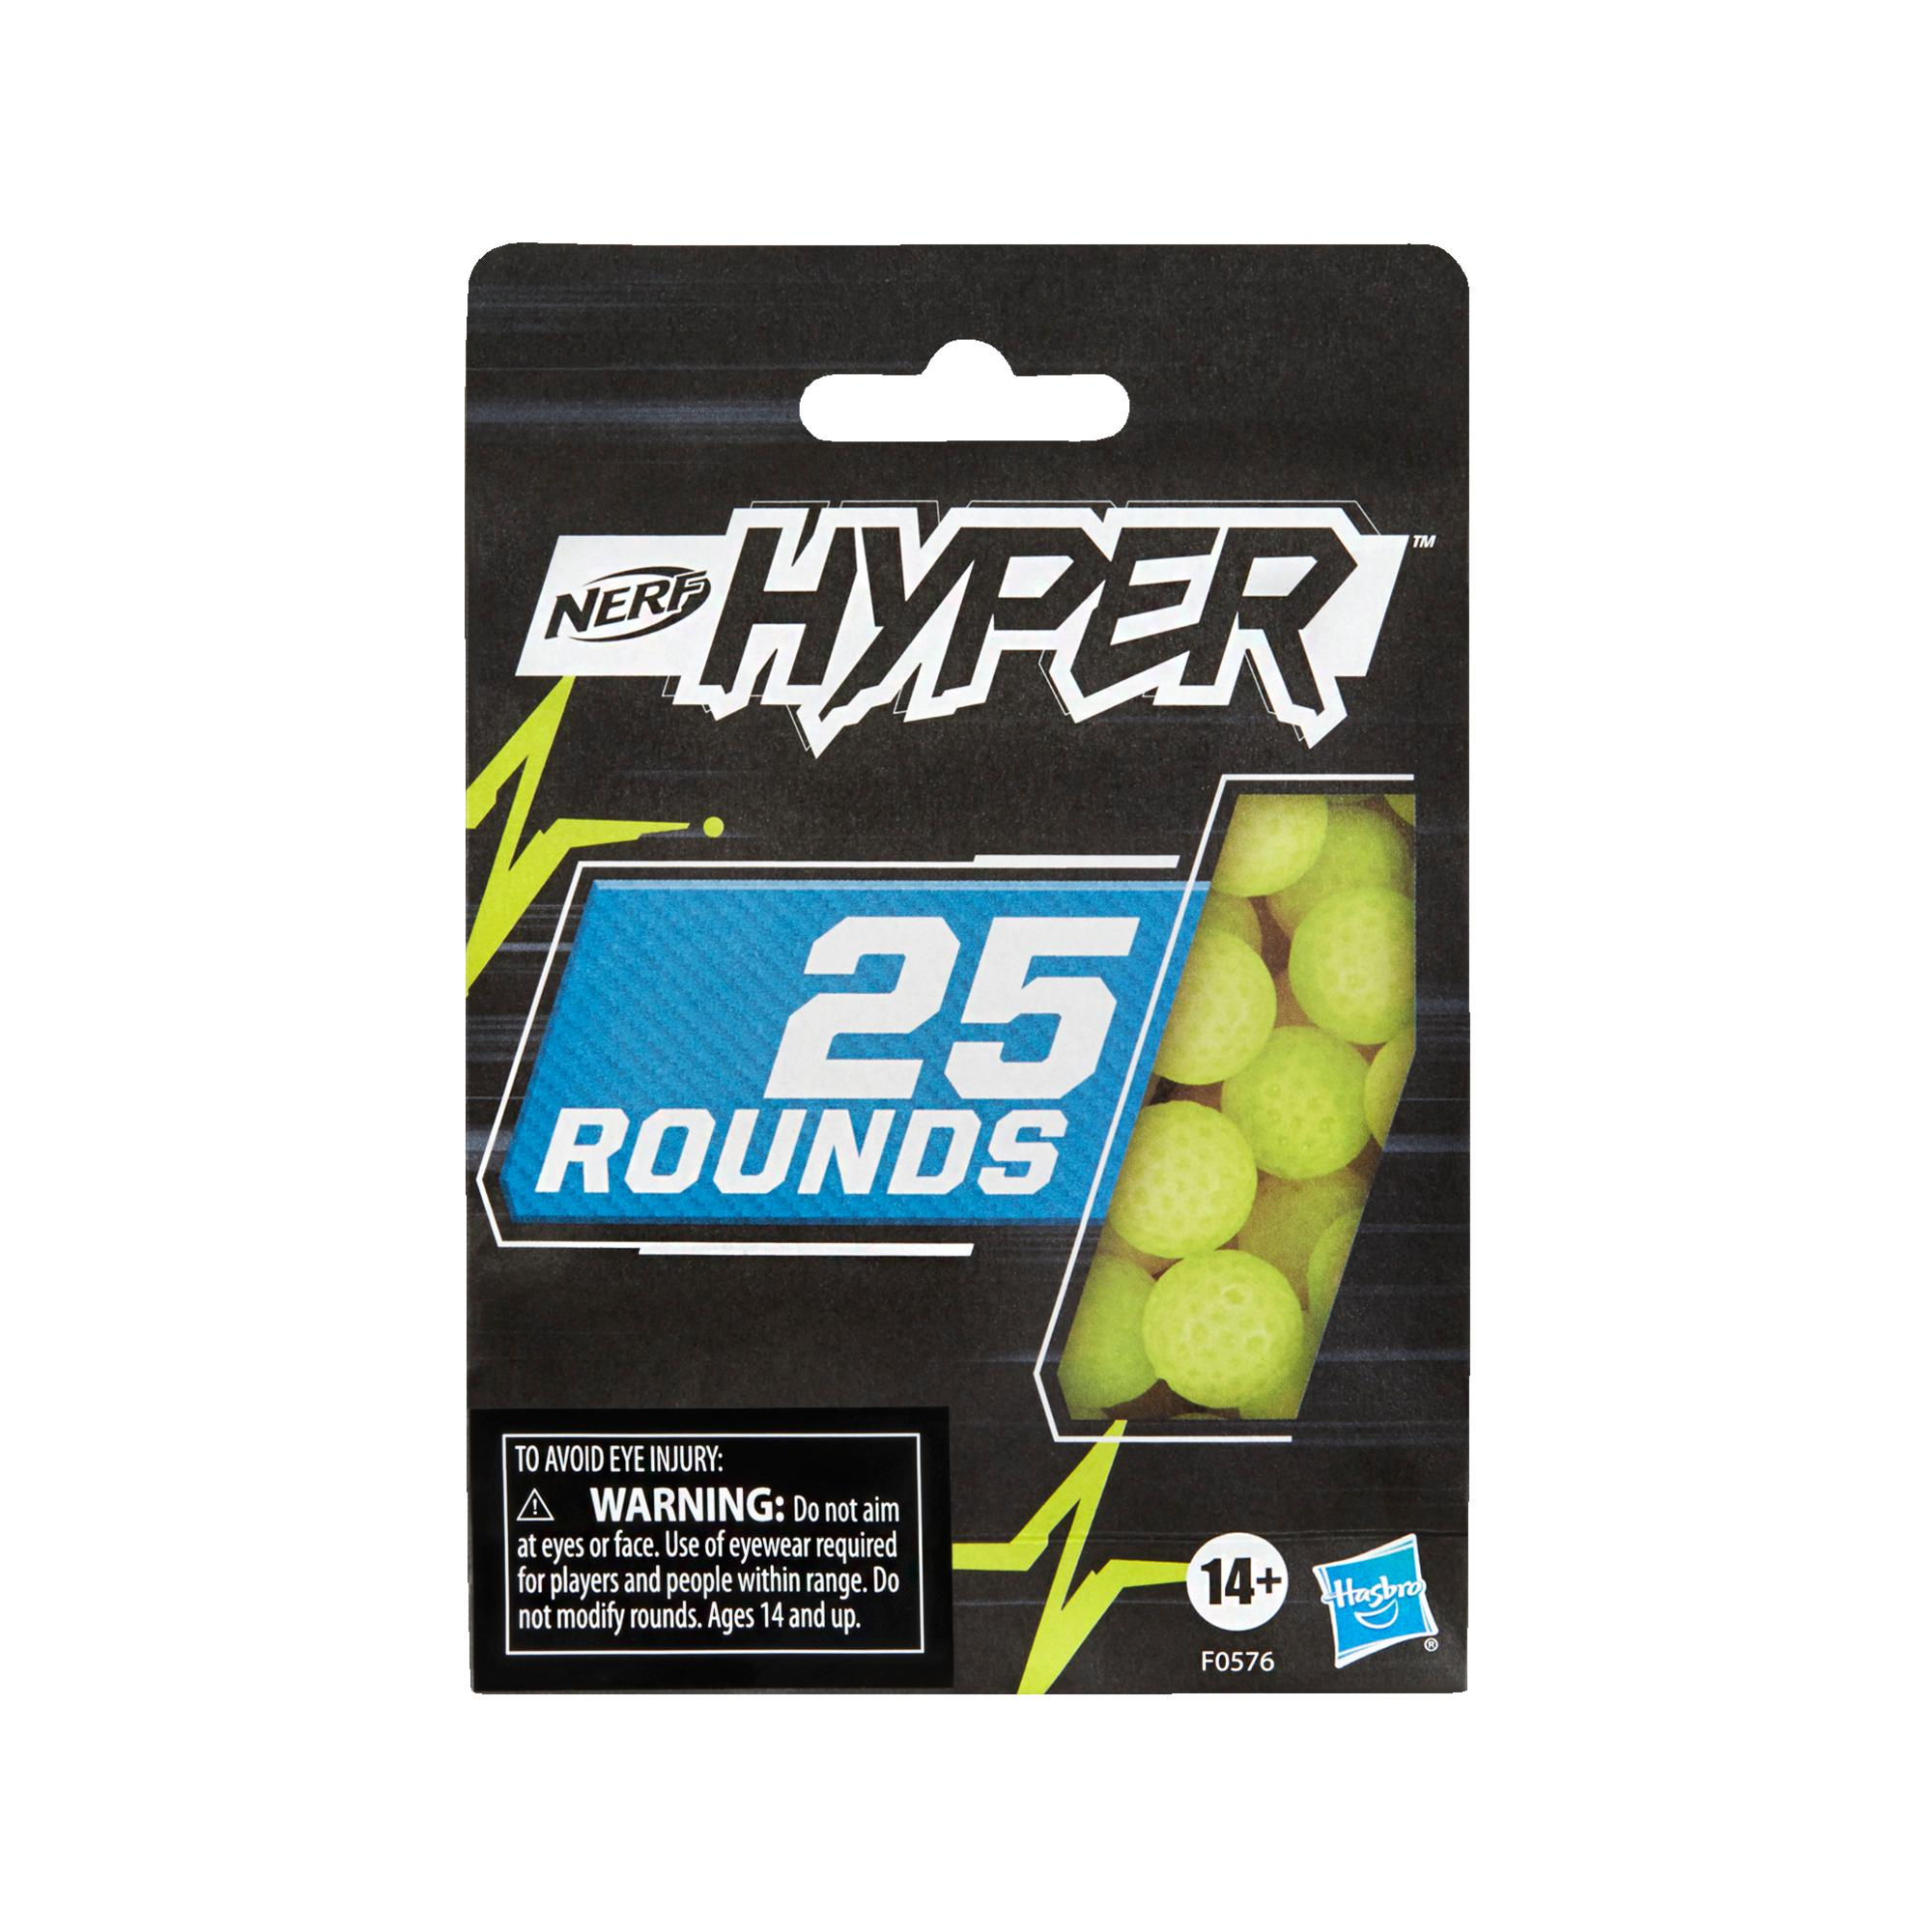 Nerf Hyper, recharge de 25 billes en mousse Nerf Hyper officielles pour utiliser avec les blasters Nerf Hyper